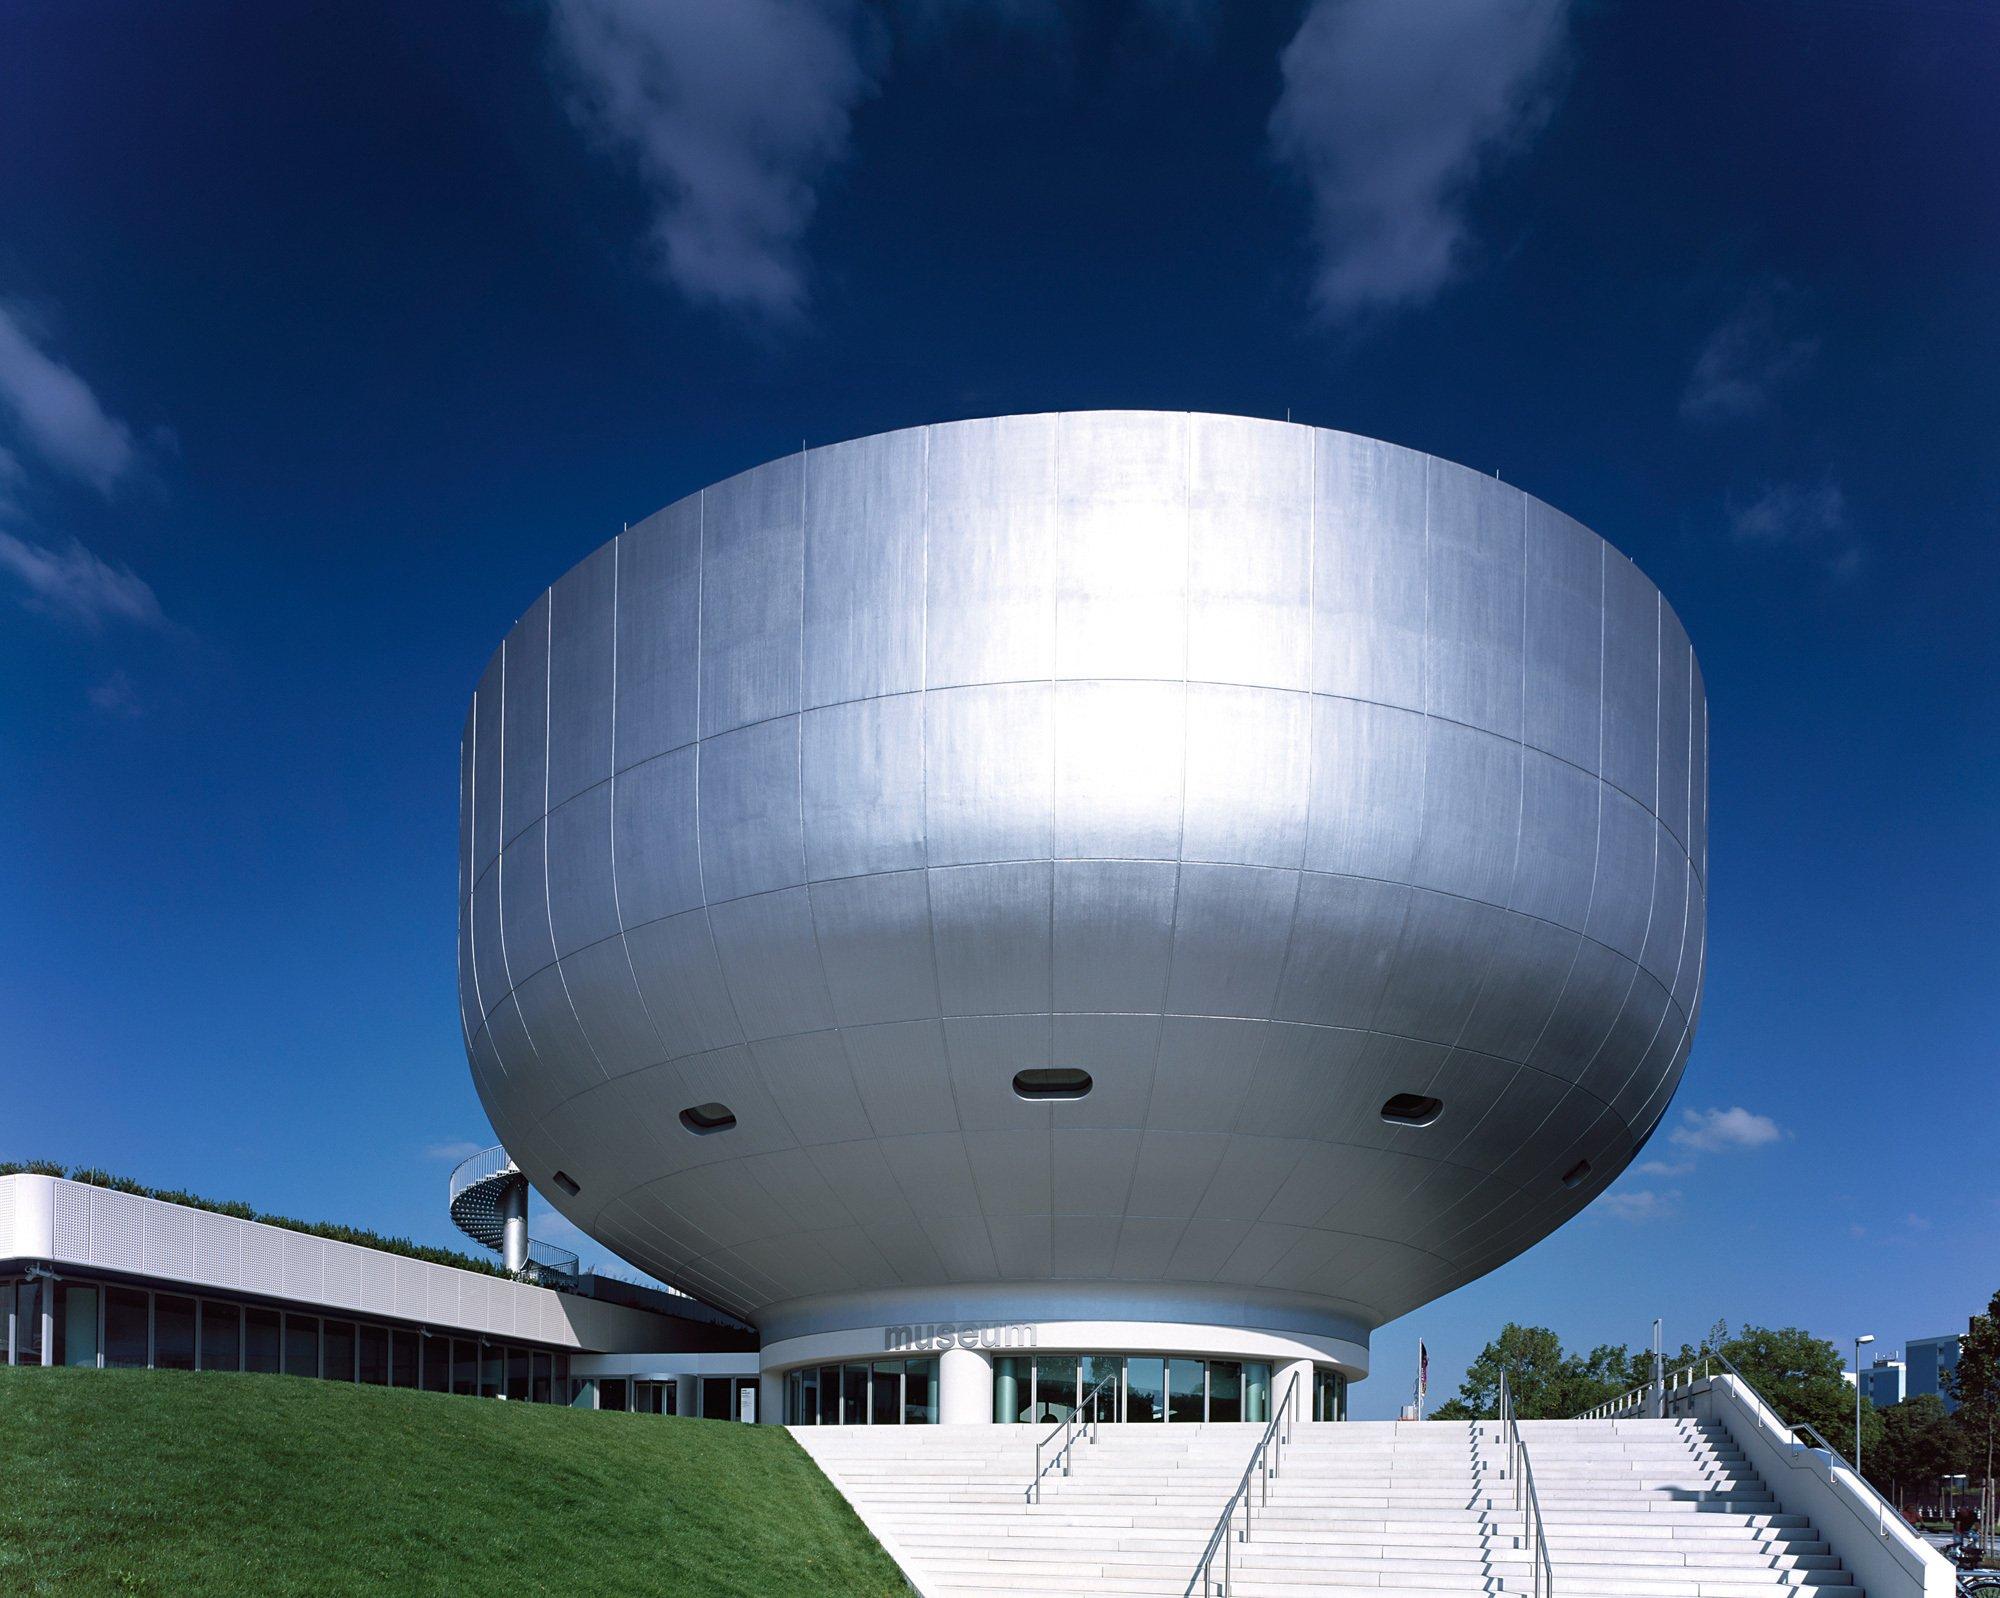 Auf dem Flachdach des BMW-Museums befindet sich ein überdimensioniertes BMW-Logo, das man aus der Luft sehen kann. Foto/ Copyright: BMW Group